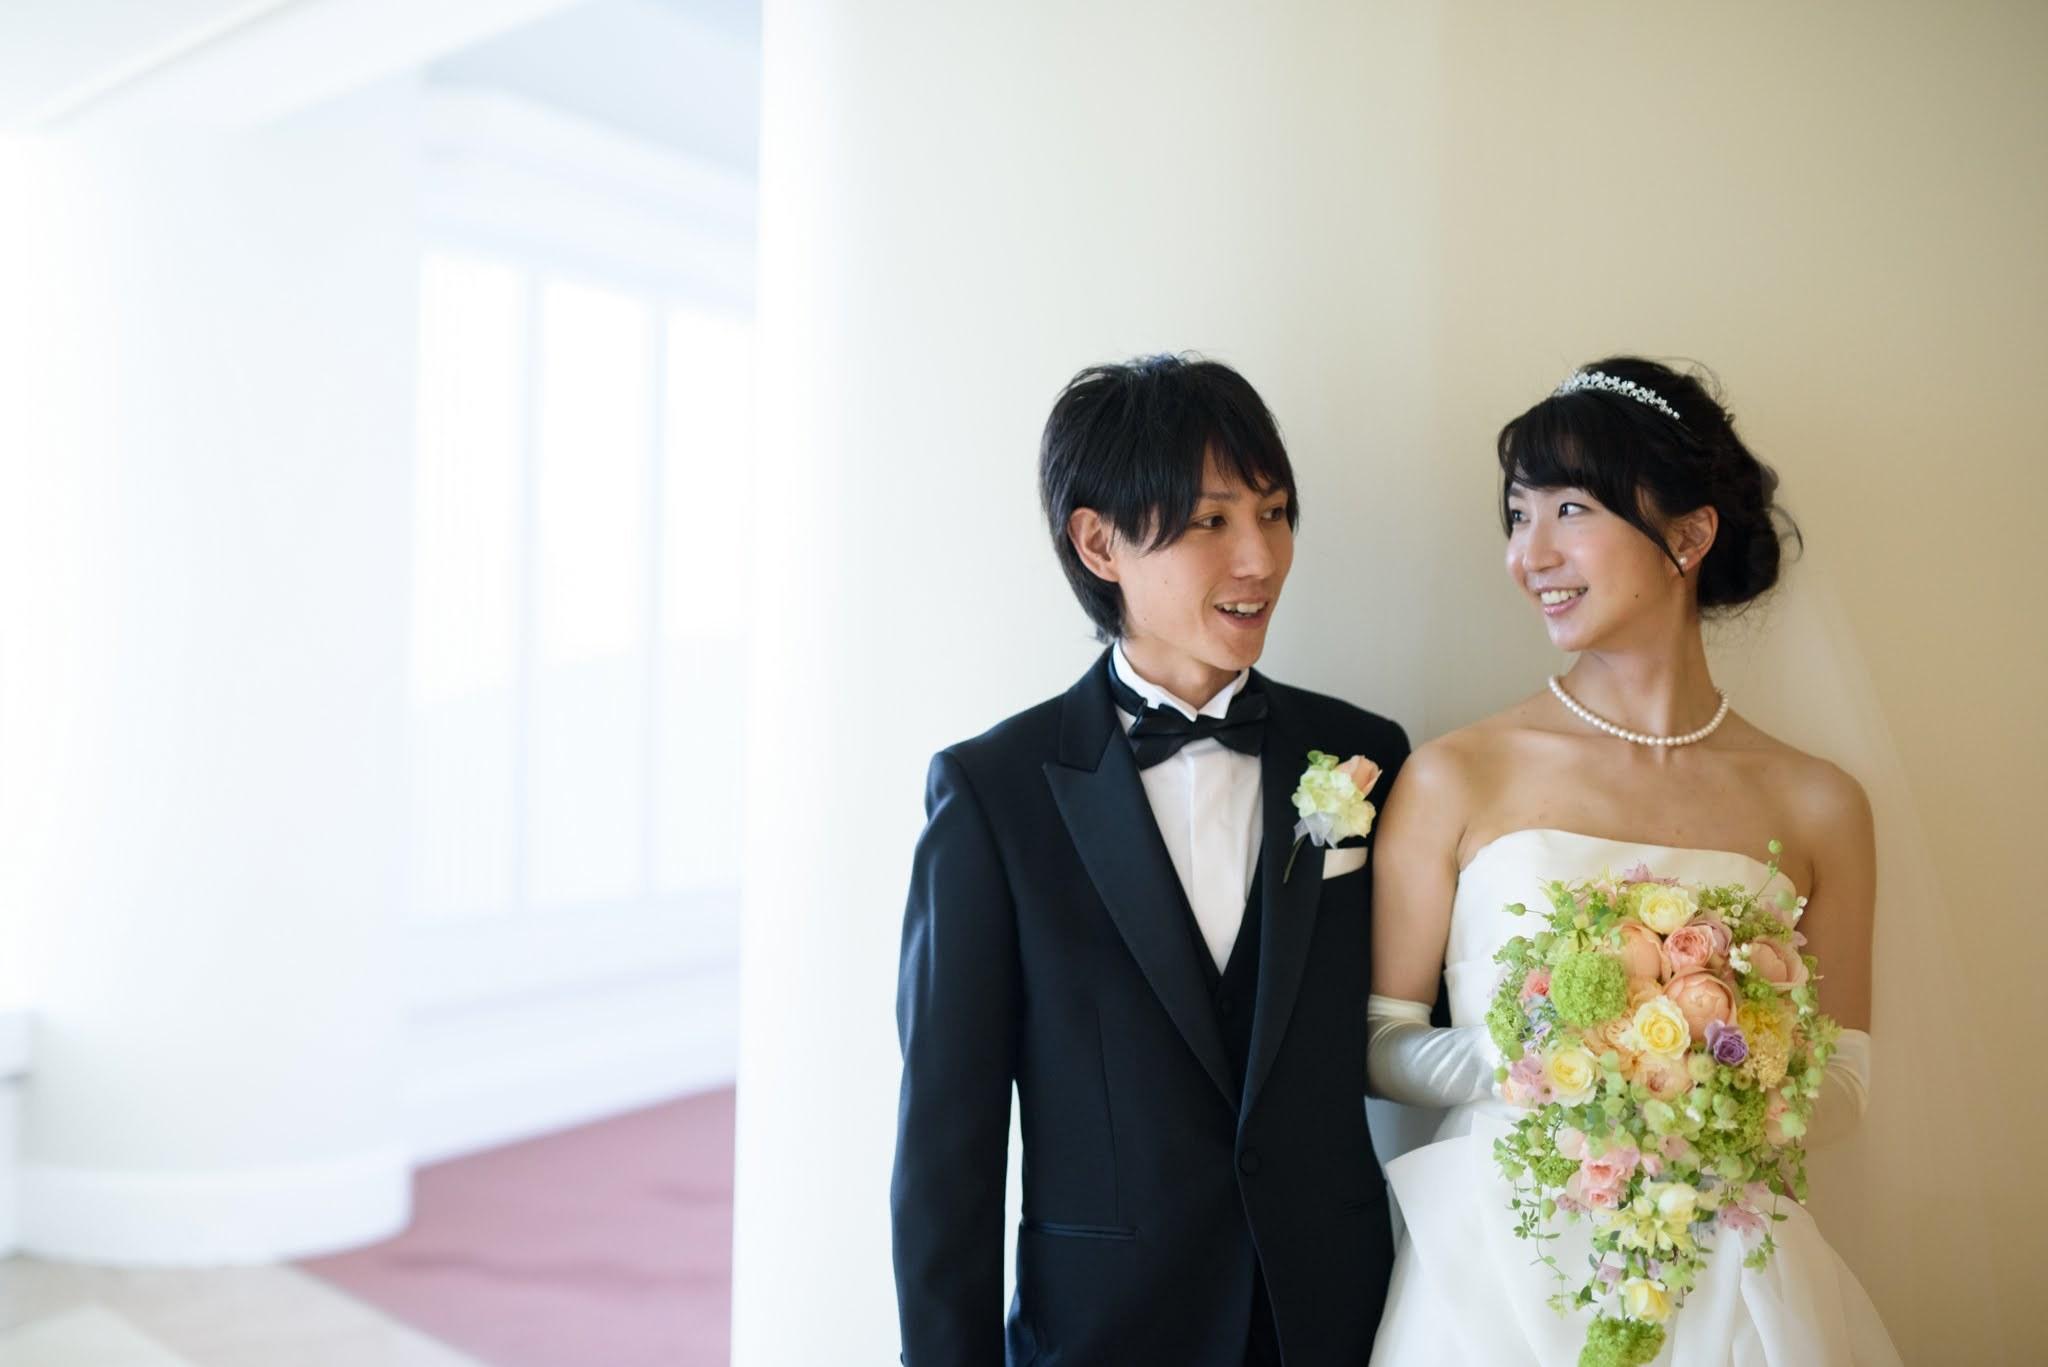 新郎新婦様からのメール ヨコハマグランドインターコンチネンタル様へ KIZUNA、そして26種の花_a0042928_16383524.jpg